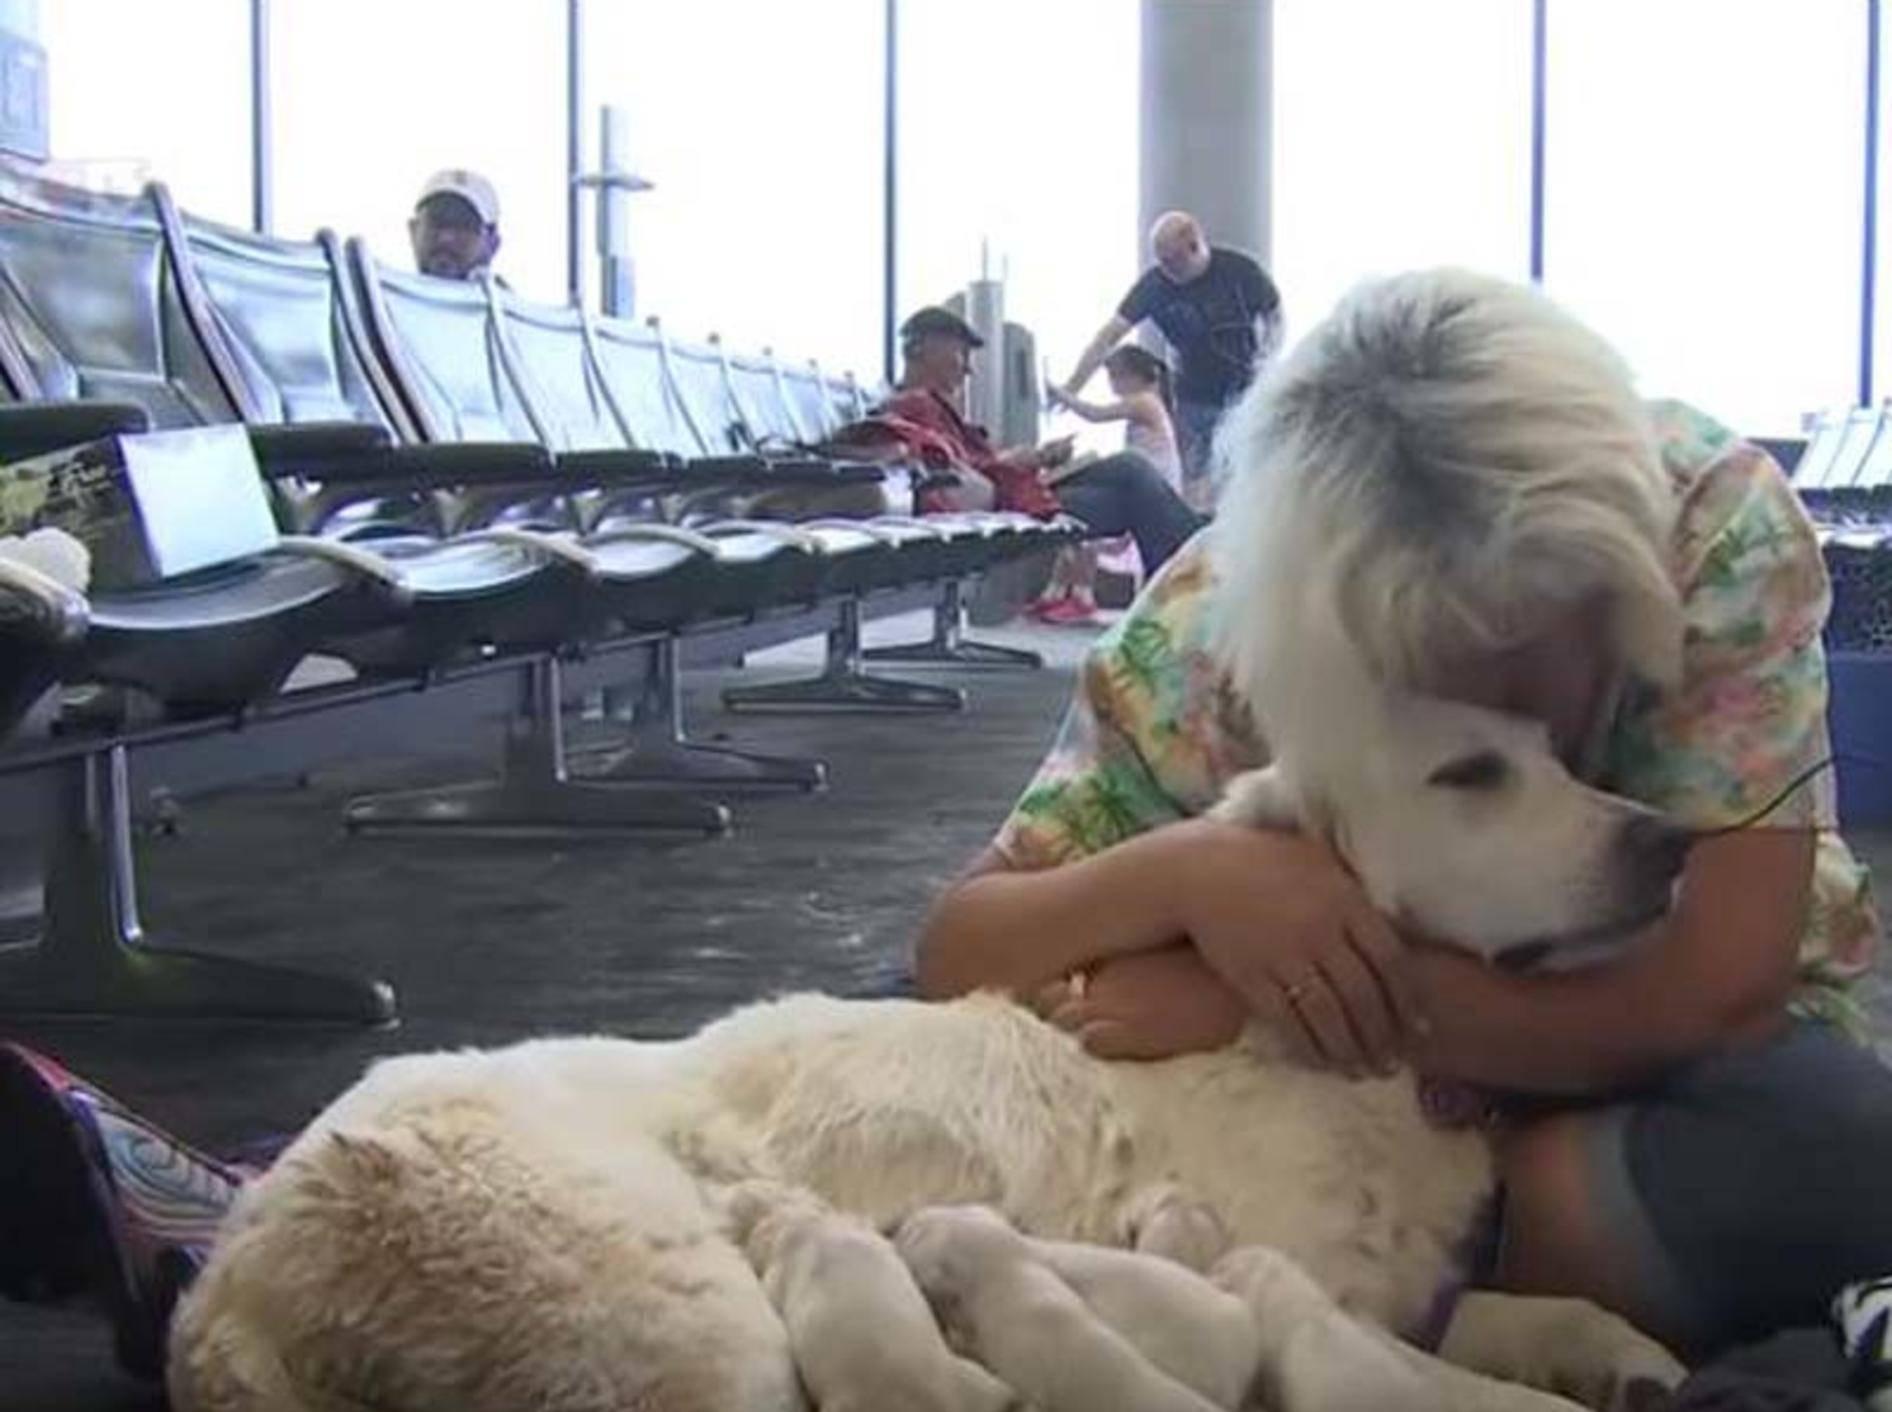 Hündin Ellie hat ihren Nachwuchs am Flughafen zur Welt gebracht - Bild: YouTube / FOX 13 News - Tampa Bay